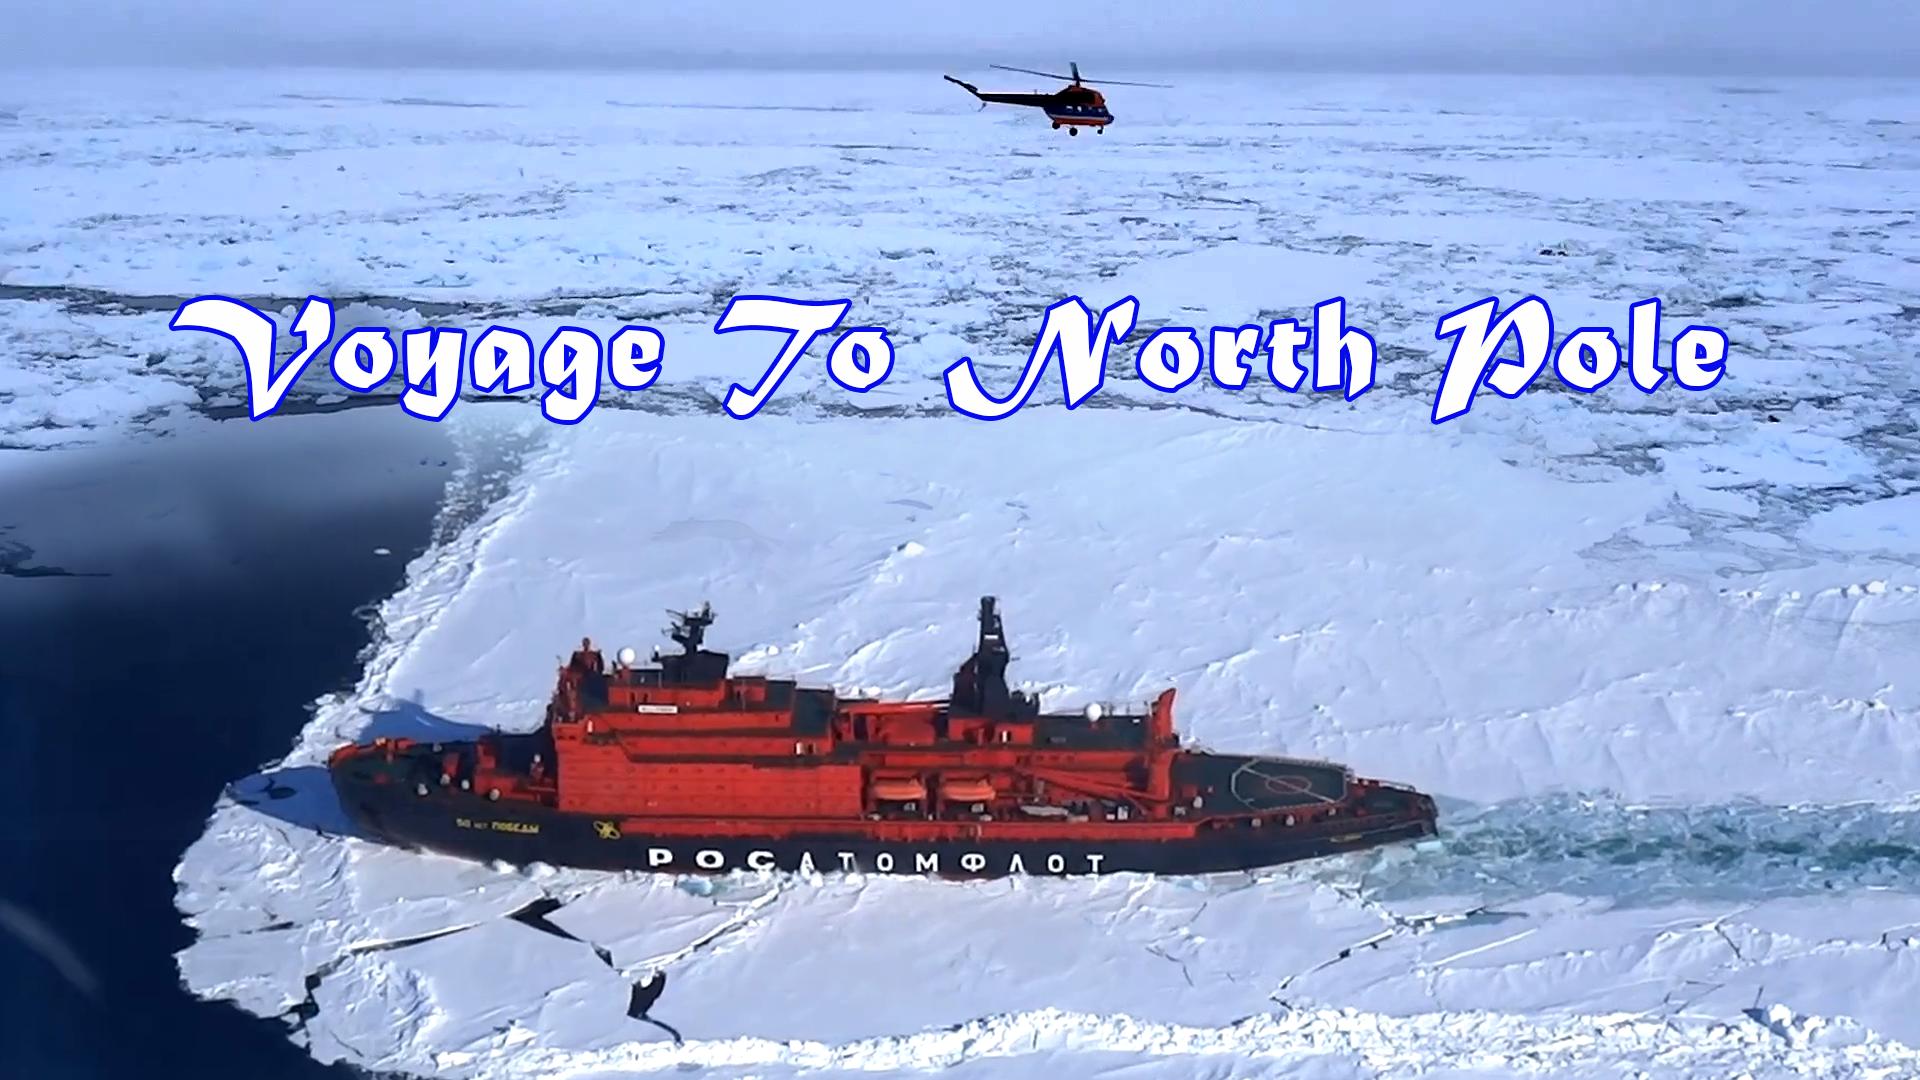 Voyage To North Pole